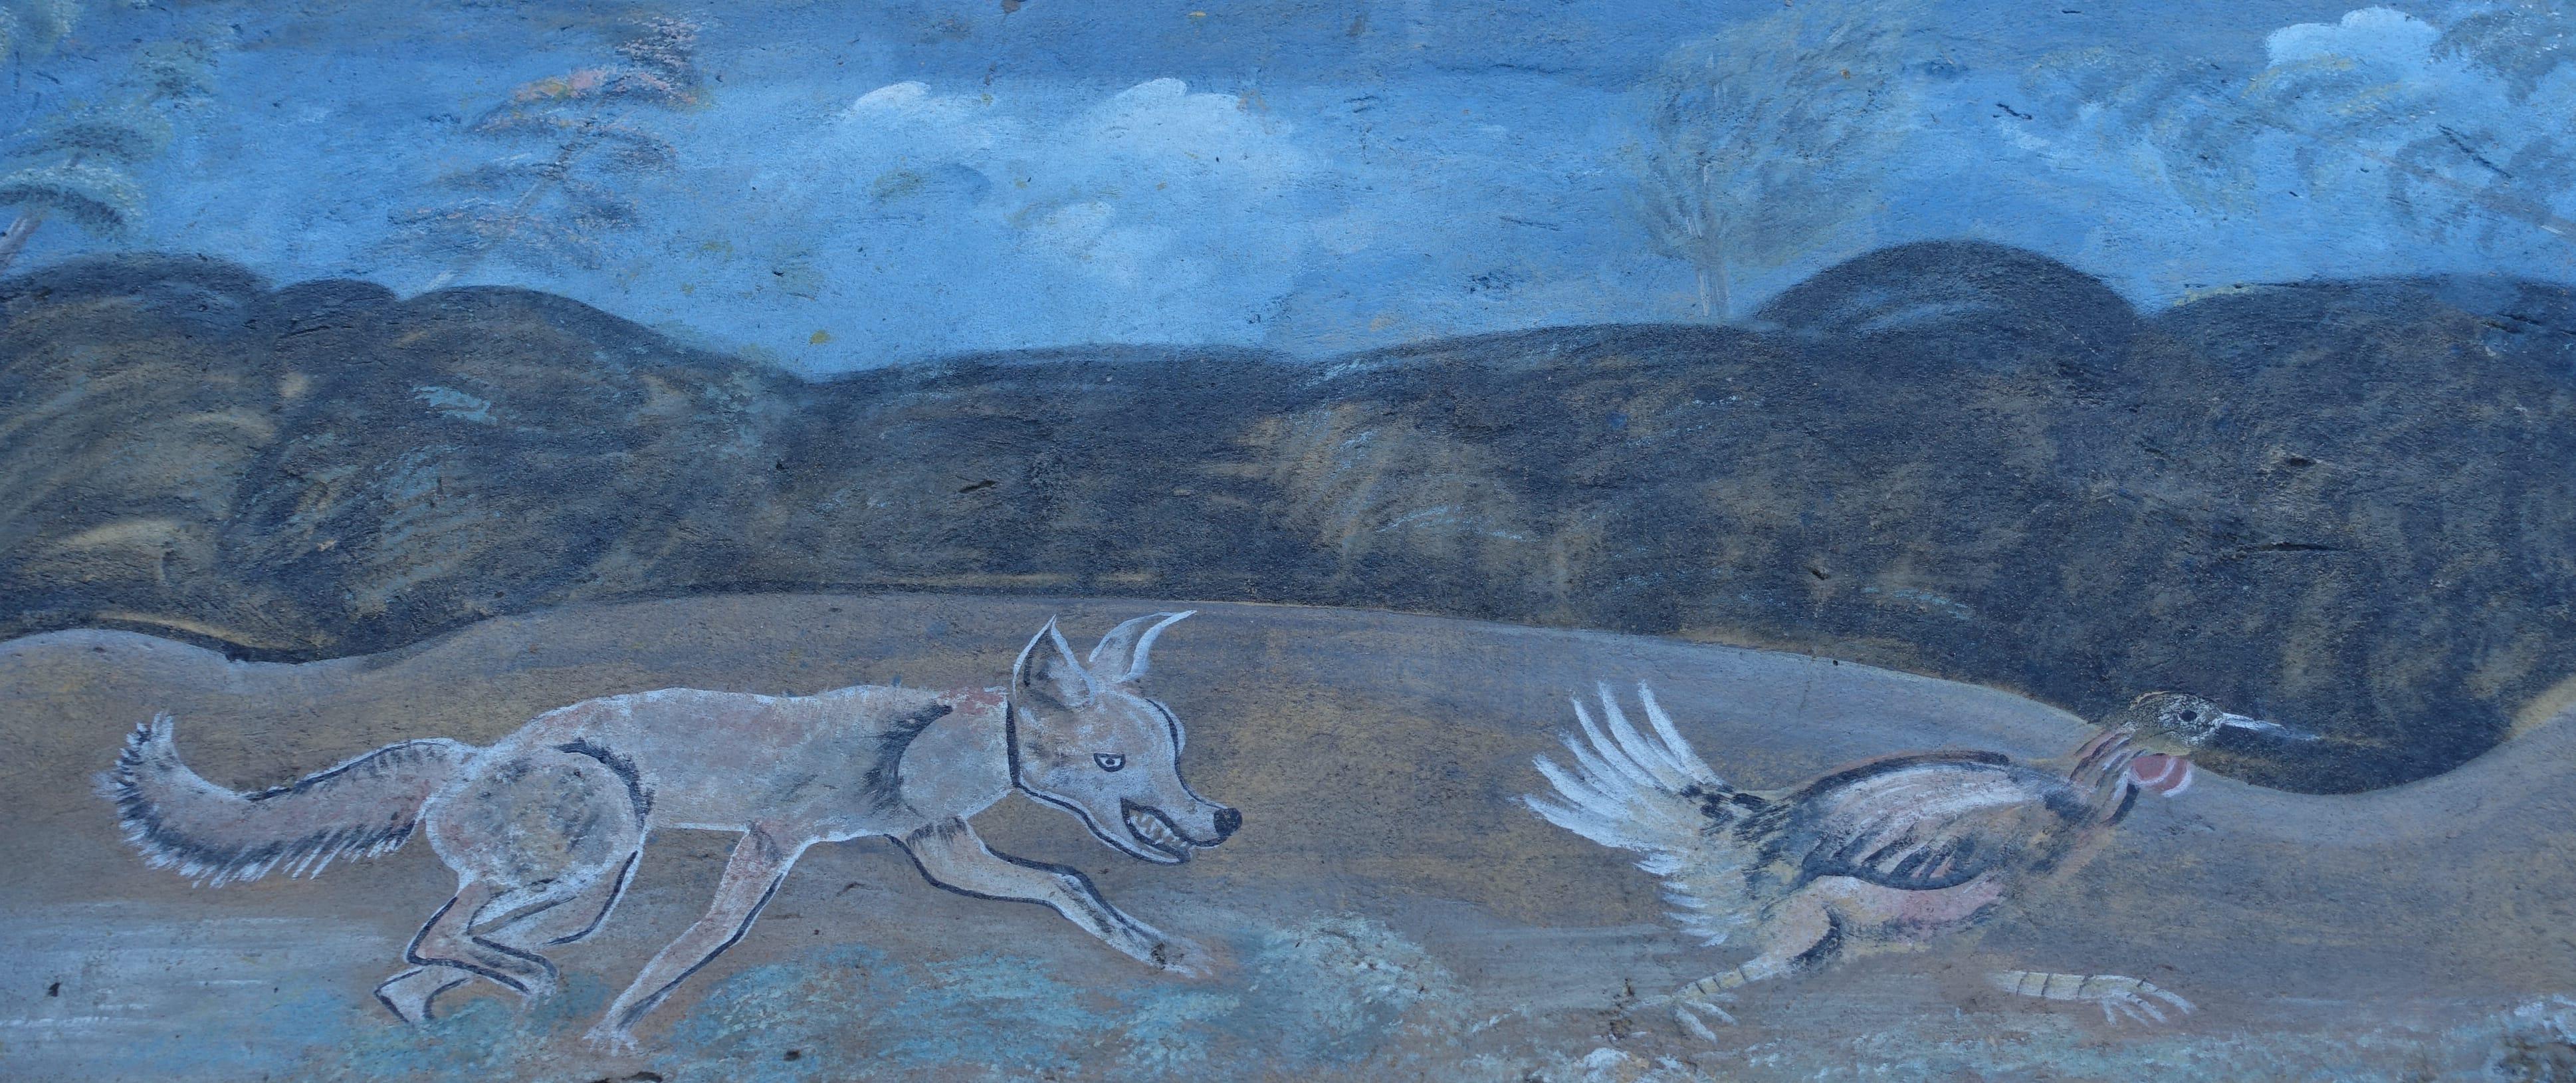 Mural on Paso del Coyote, near the Guatemalan border. Ciudad Hidalgo, México. Photo by Diana Taylor.